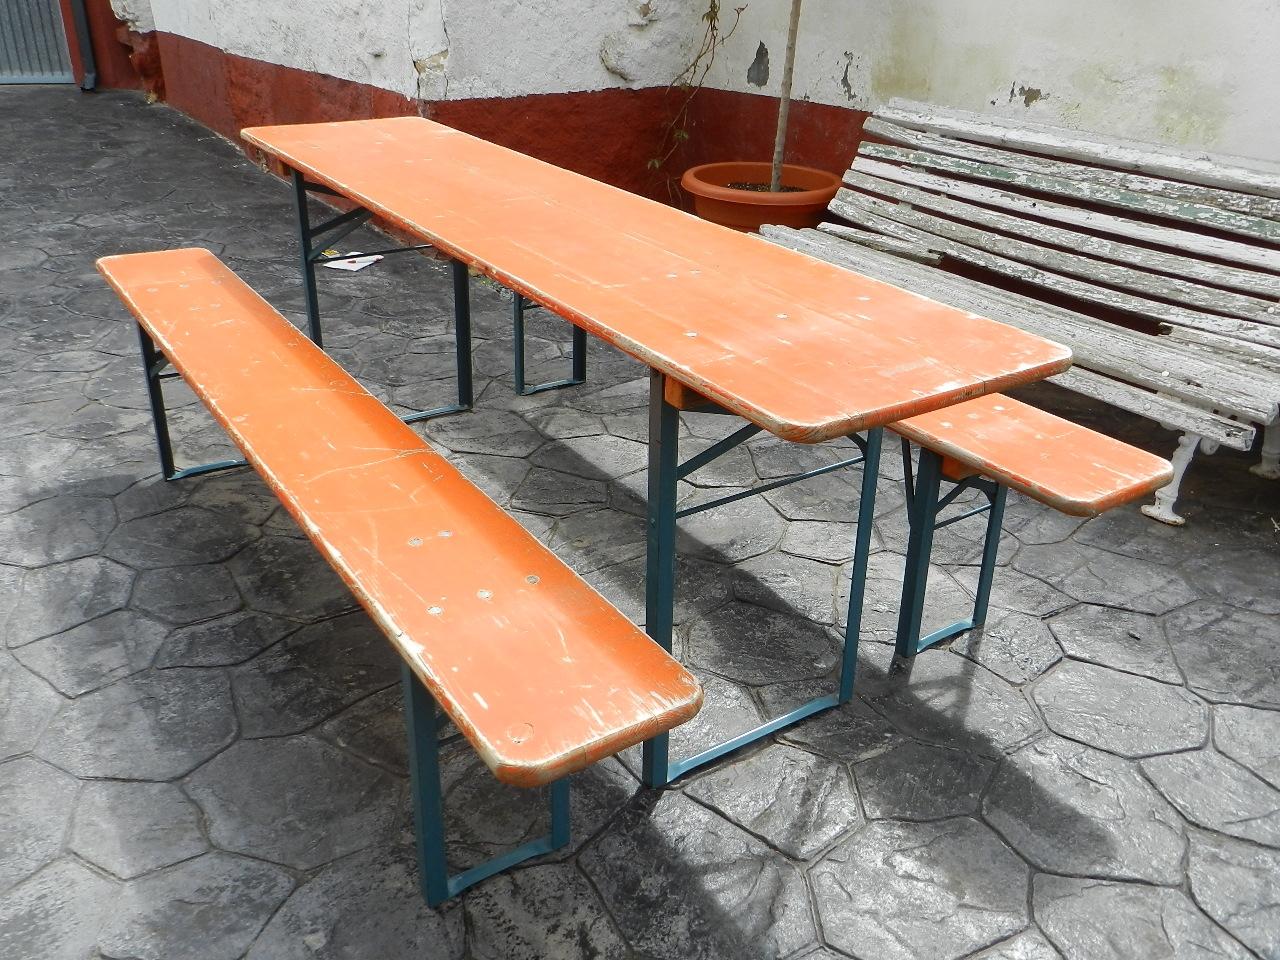 Imagen MESA Y BANCOS PLEGABLES PARA JARDÍN 37033